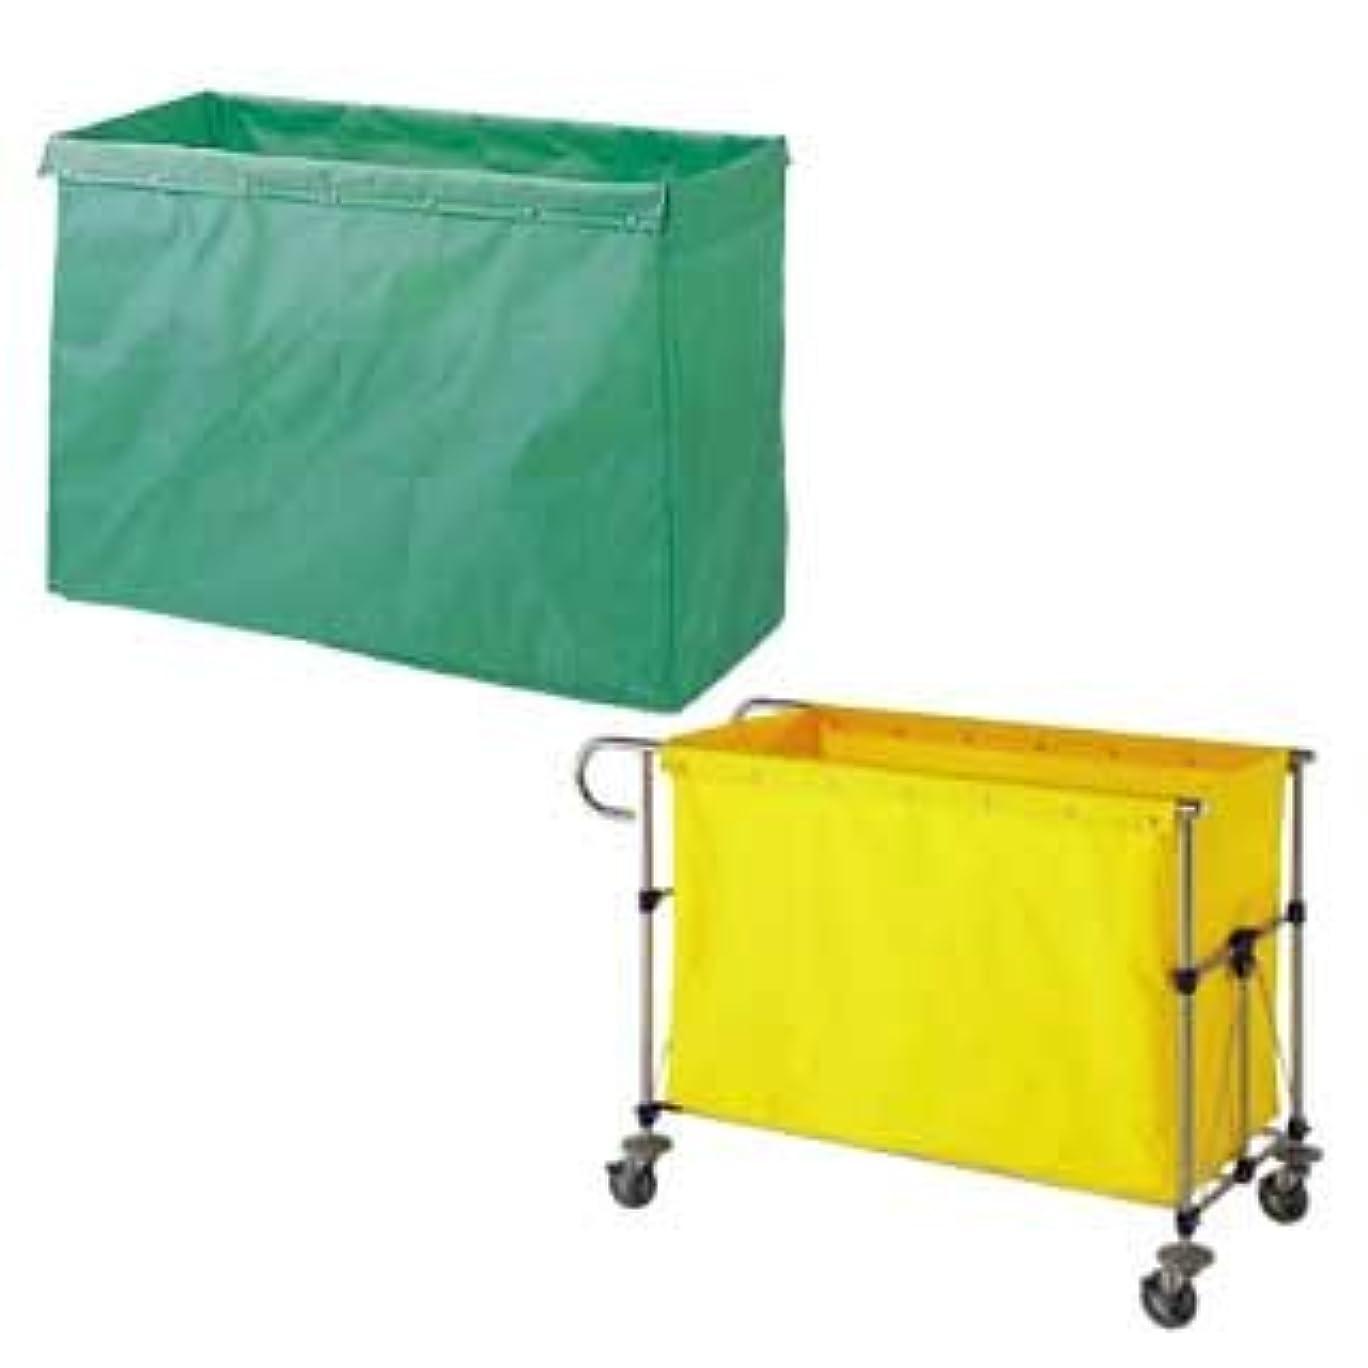 前者知り合い鳴り響く山崎産業 清掃用品 リサイクル用システムカート 360L収納袋 ブルー